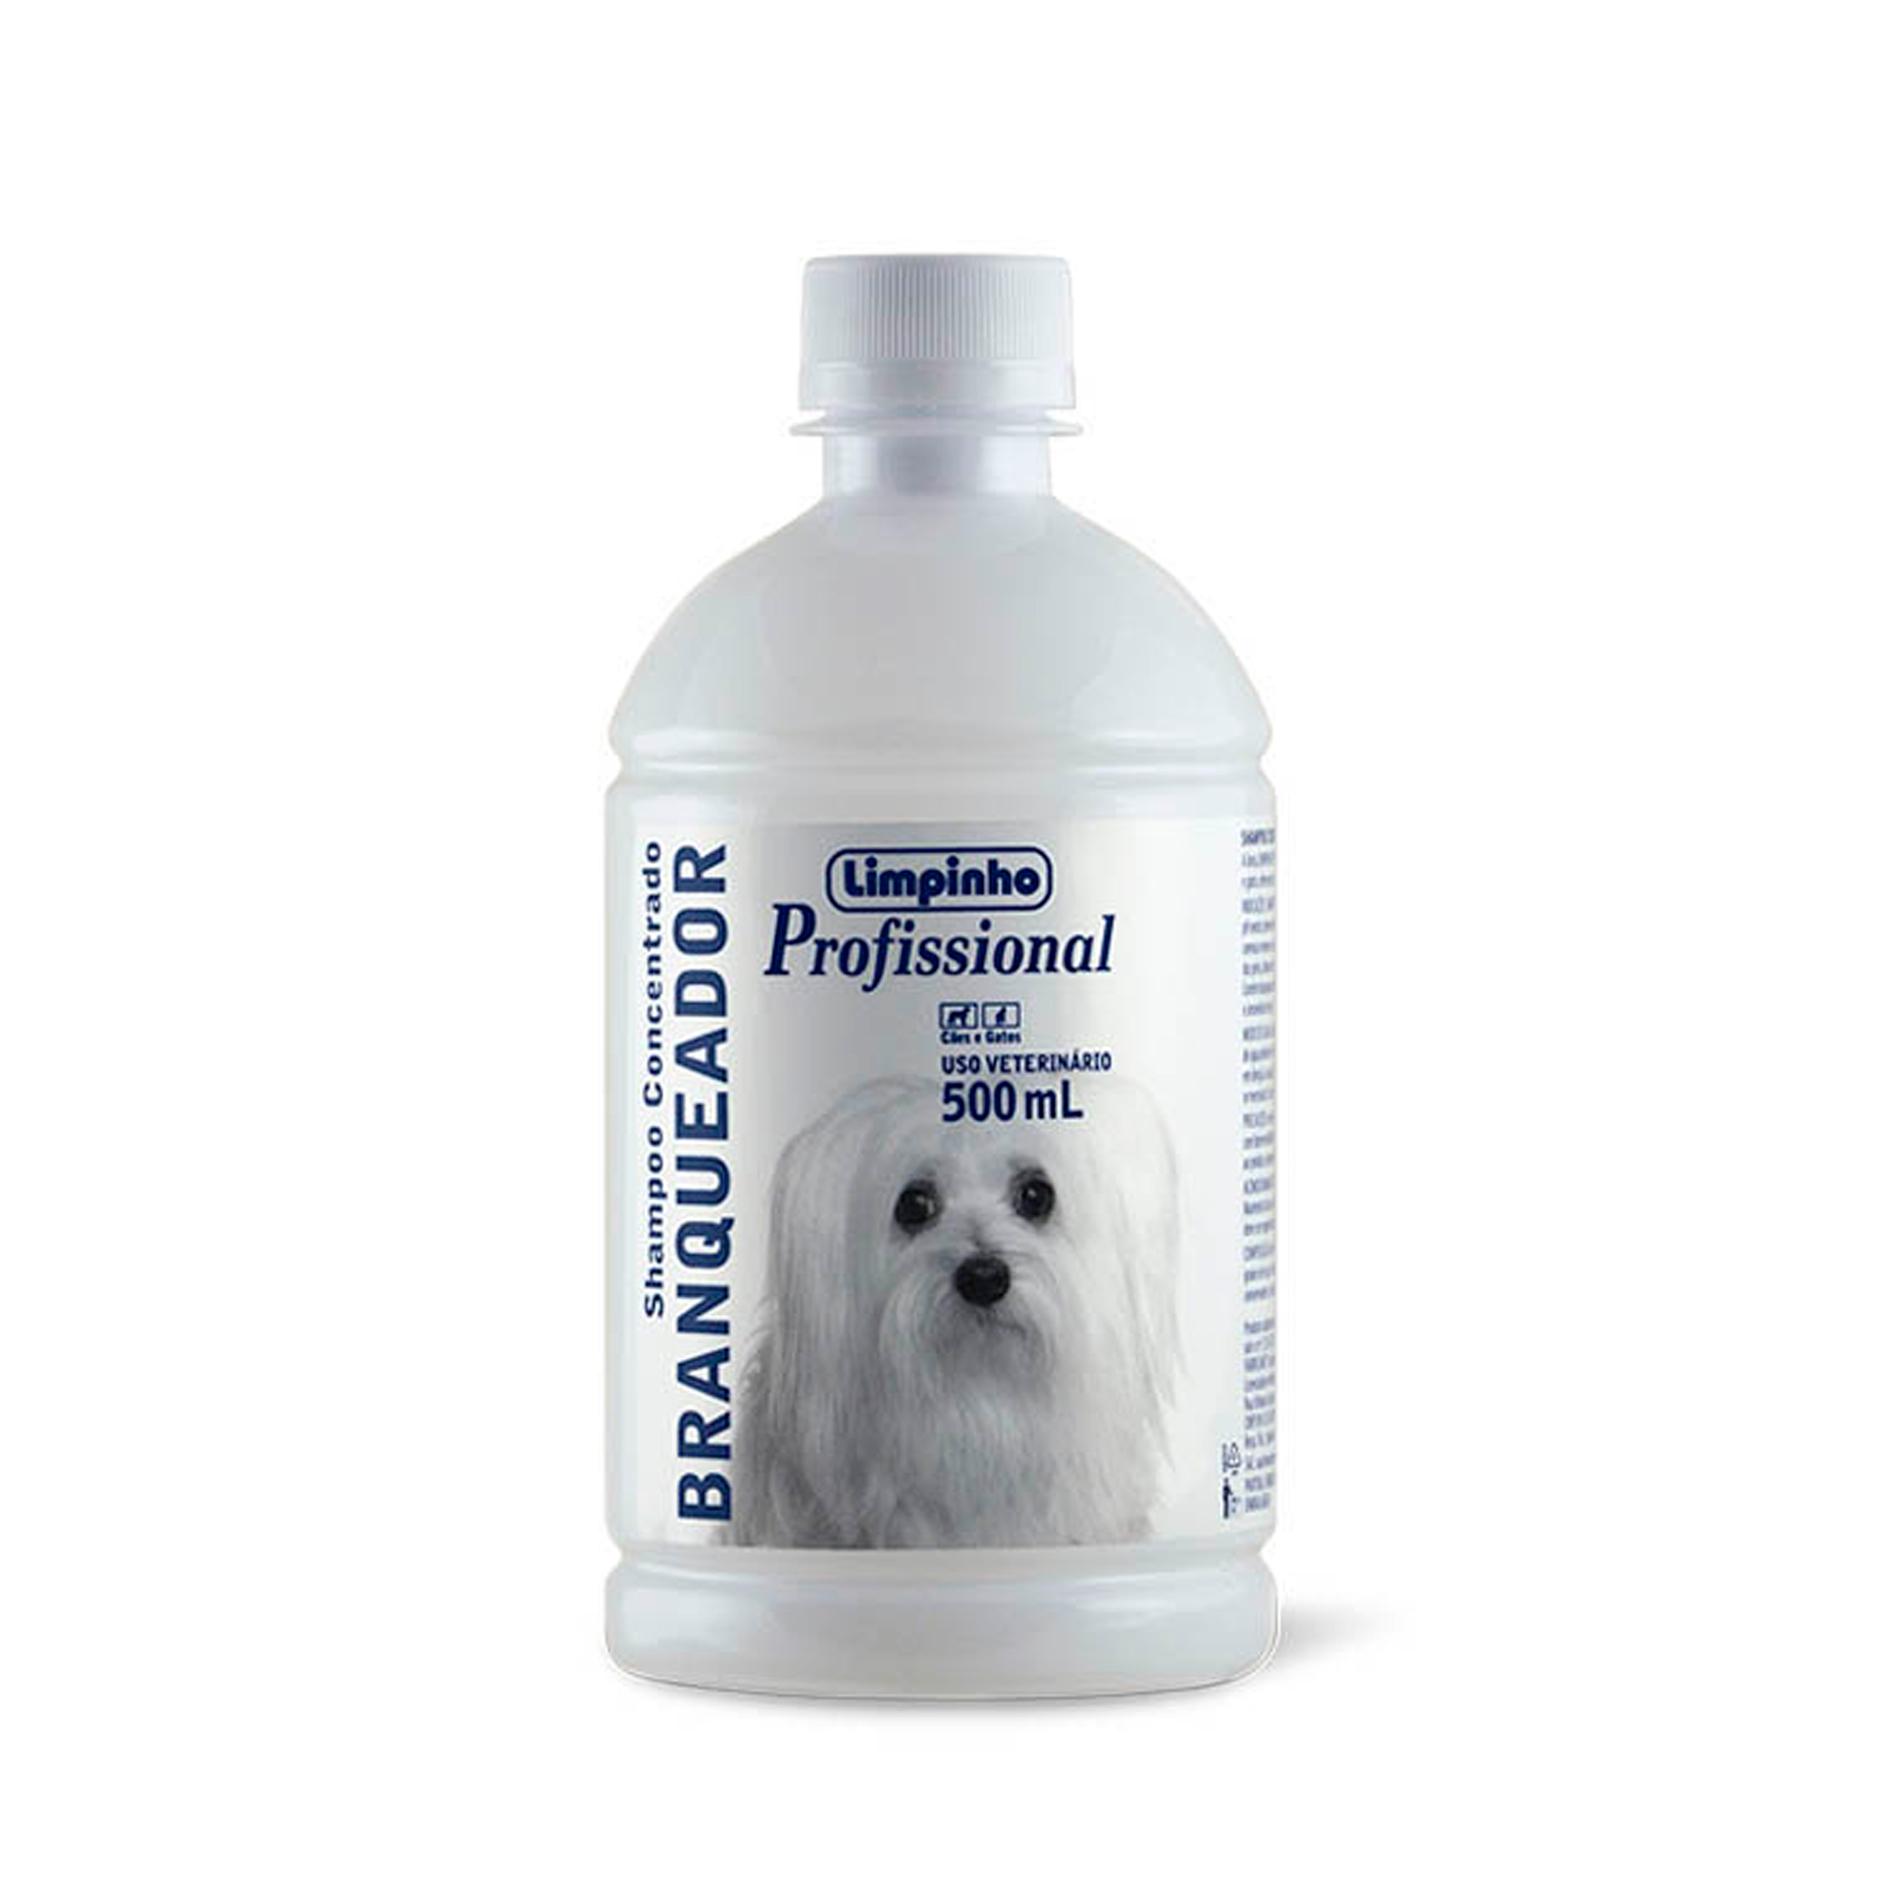 Shampoo Profissional Branqueador Concentrado Limpinho 500ml